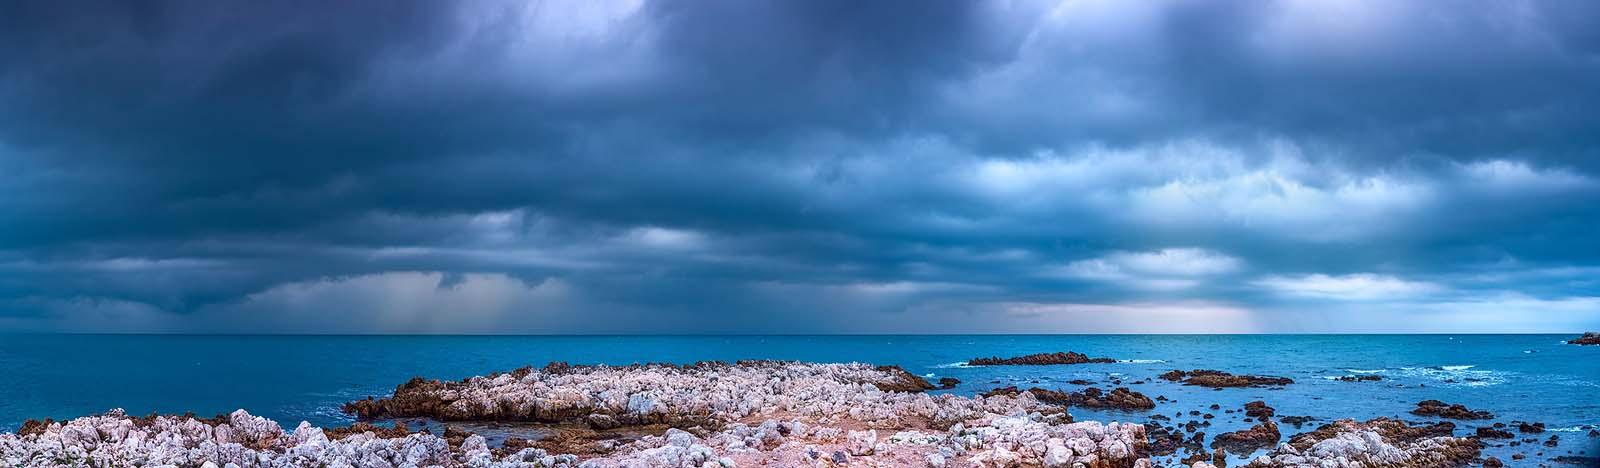 Cap d'Antibes, Cote d'Azur: Vor dem Sturm. Einzeiliges Panorama, zusammengesetzt aus 9 Aufnahmen. Originalgröße 270x80cm | © Reinhard Podolsky